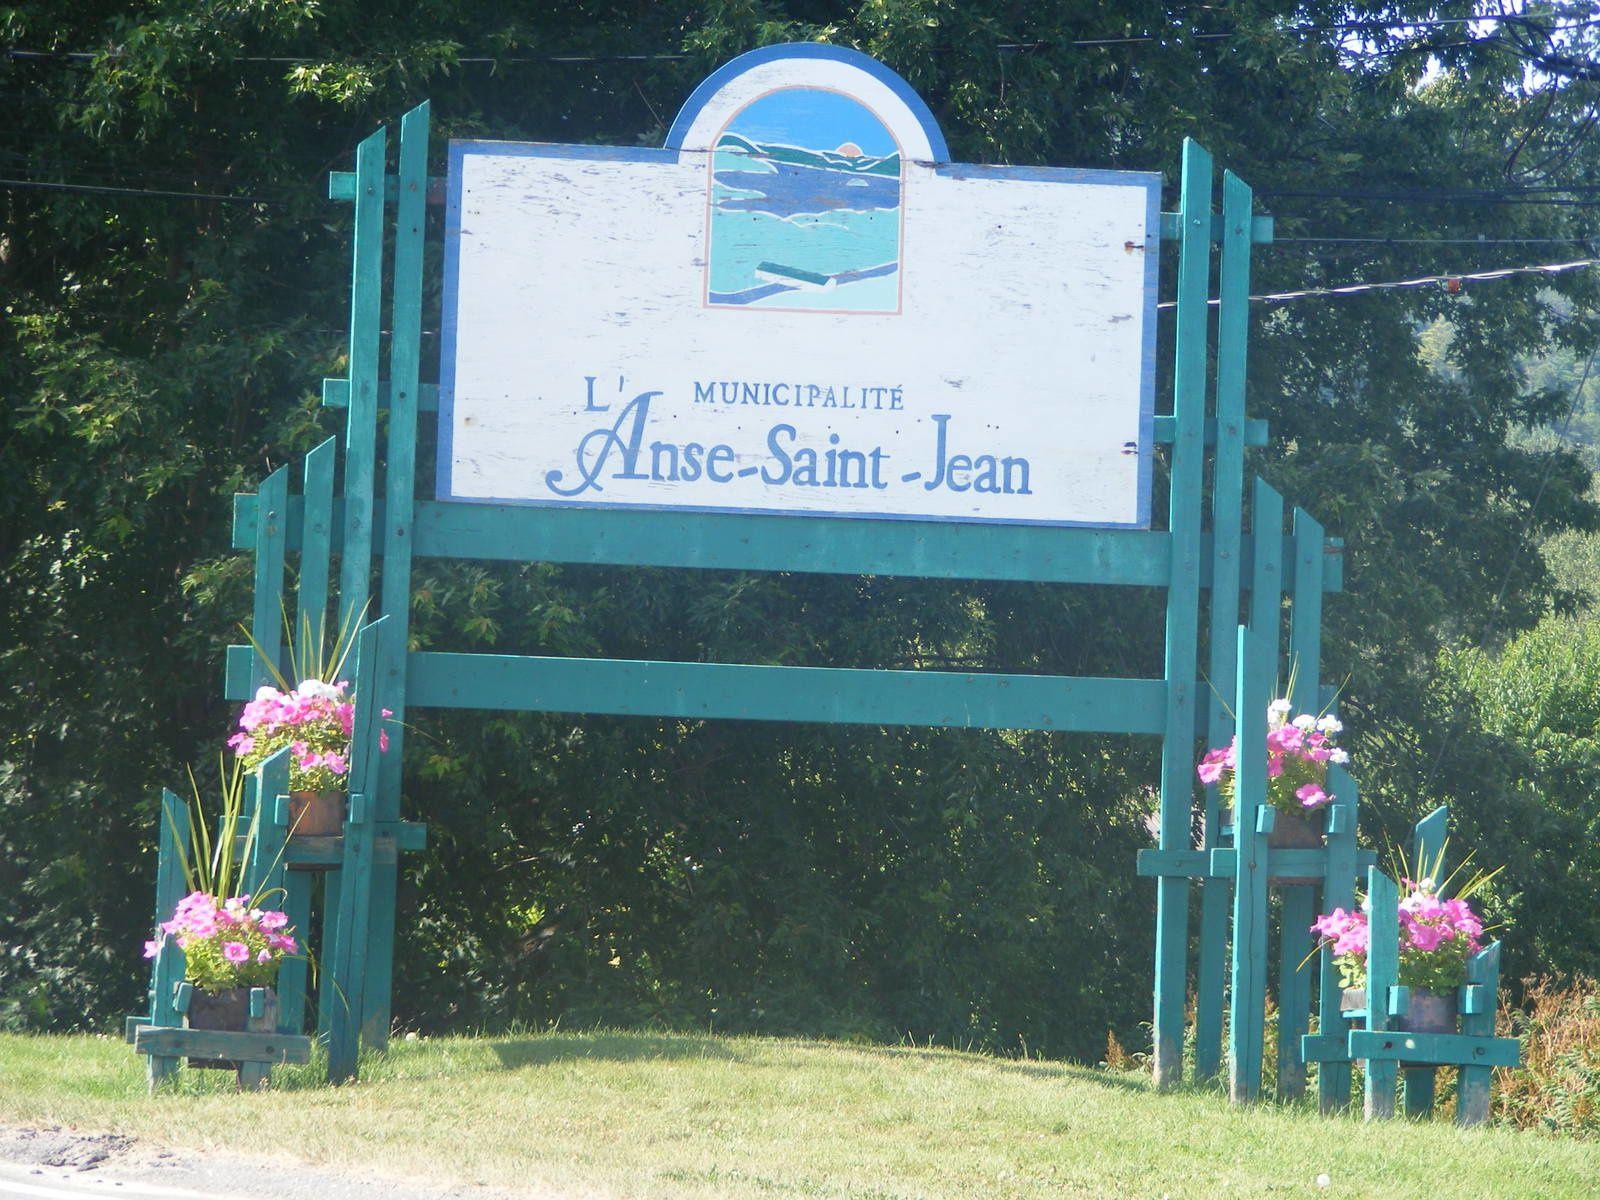 Bienvenue à L'Anse-Saint-Jean